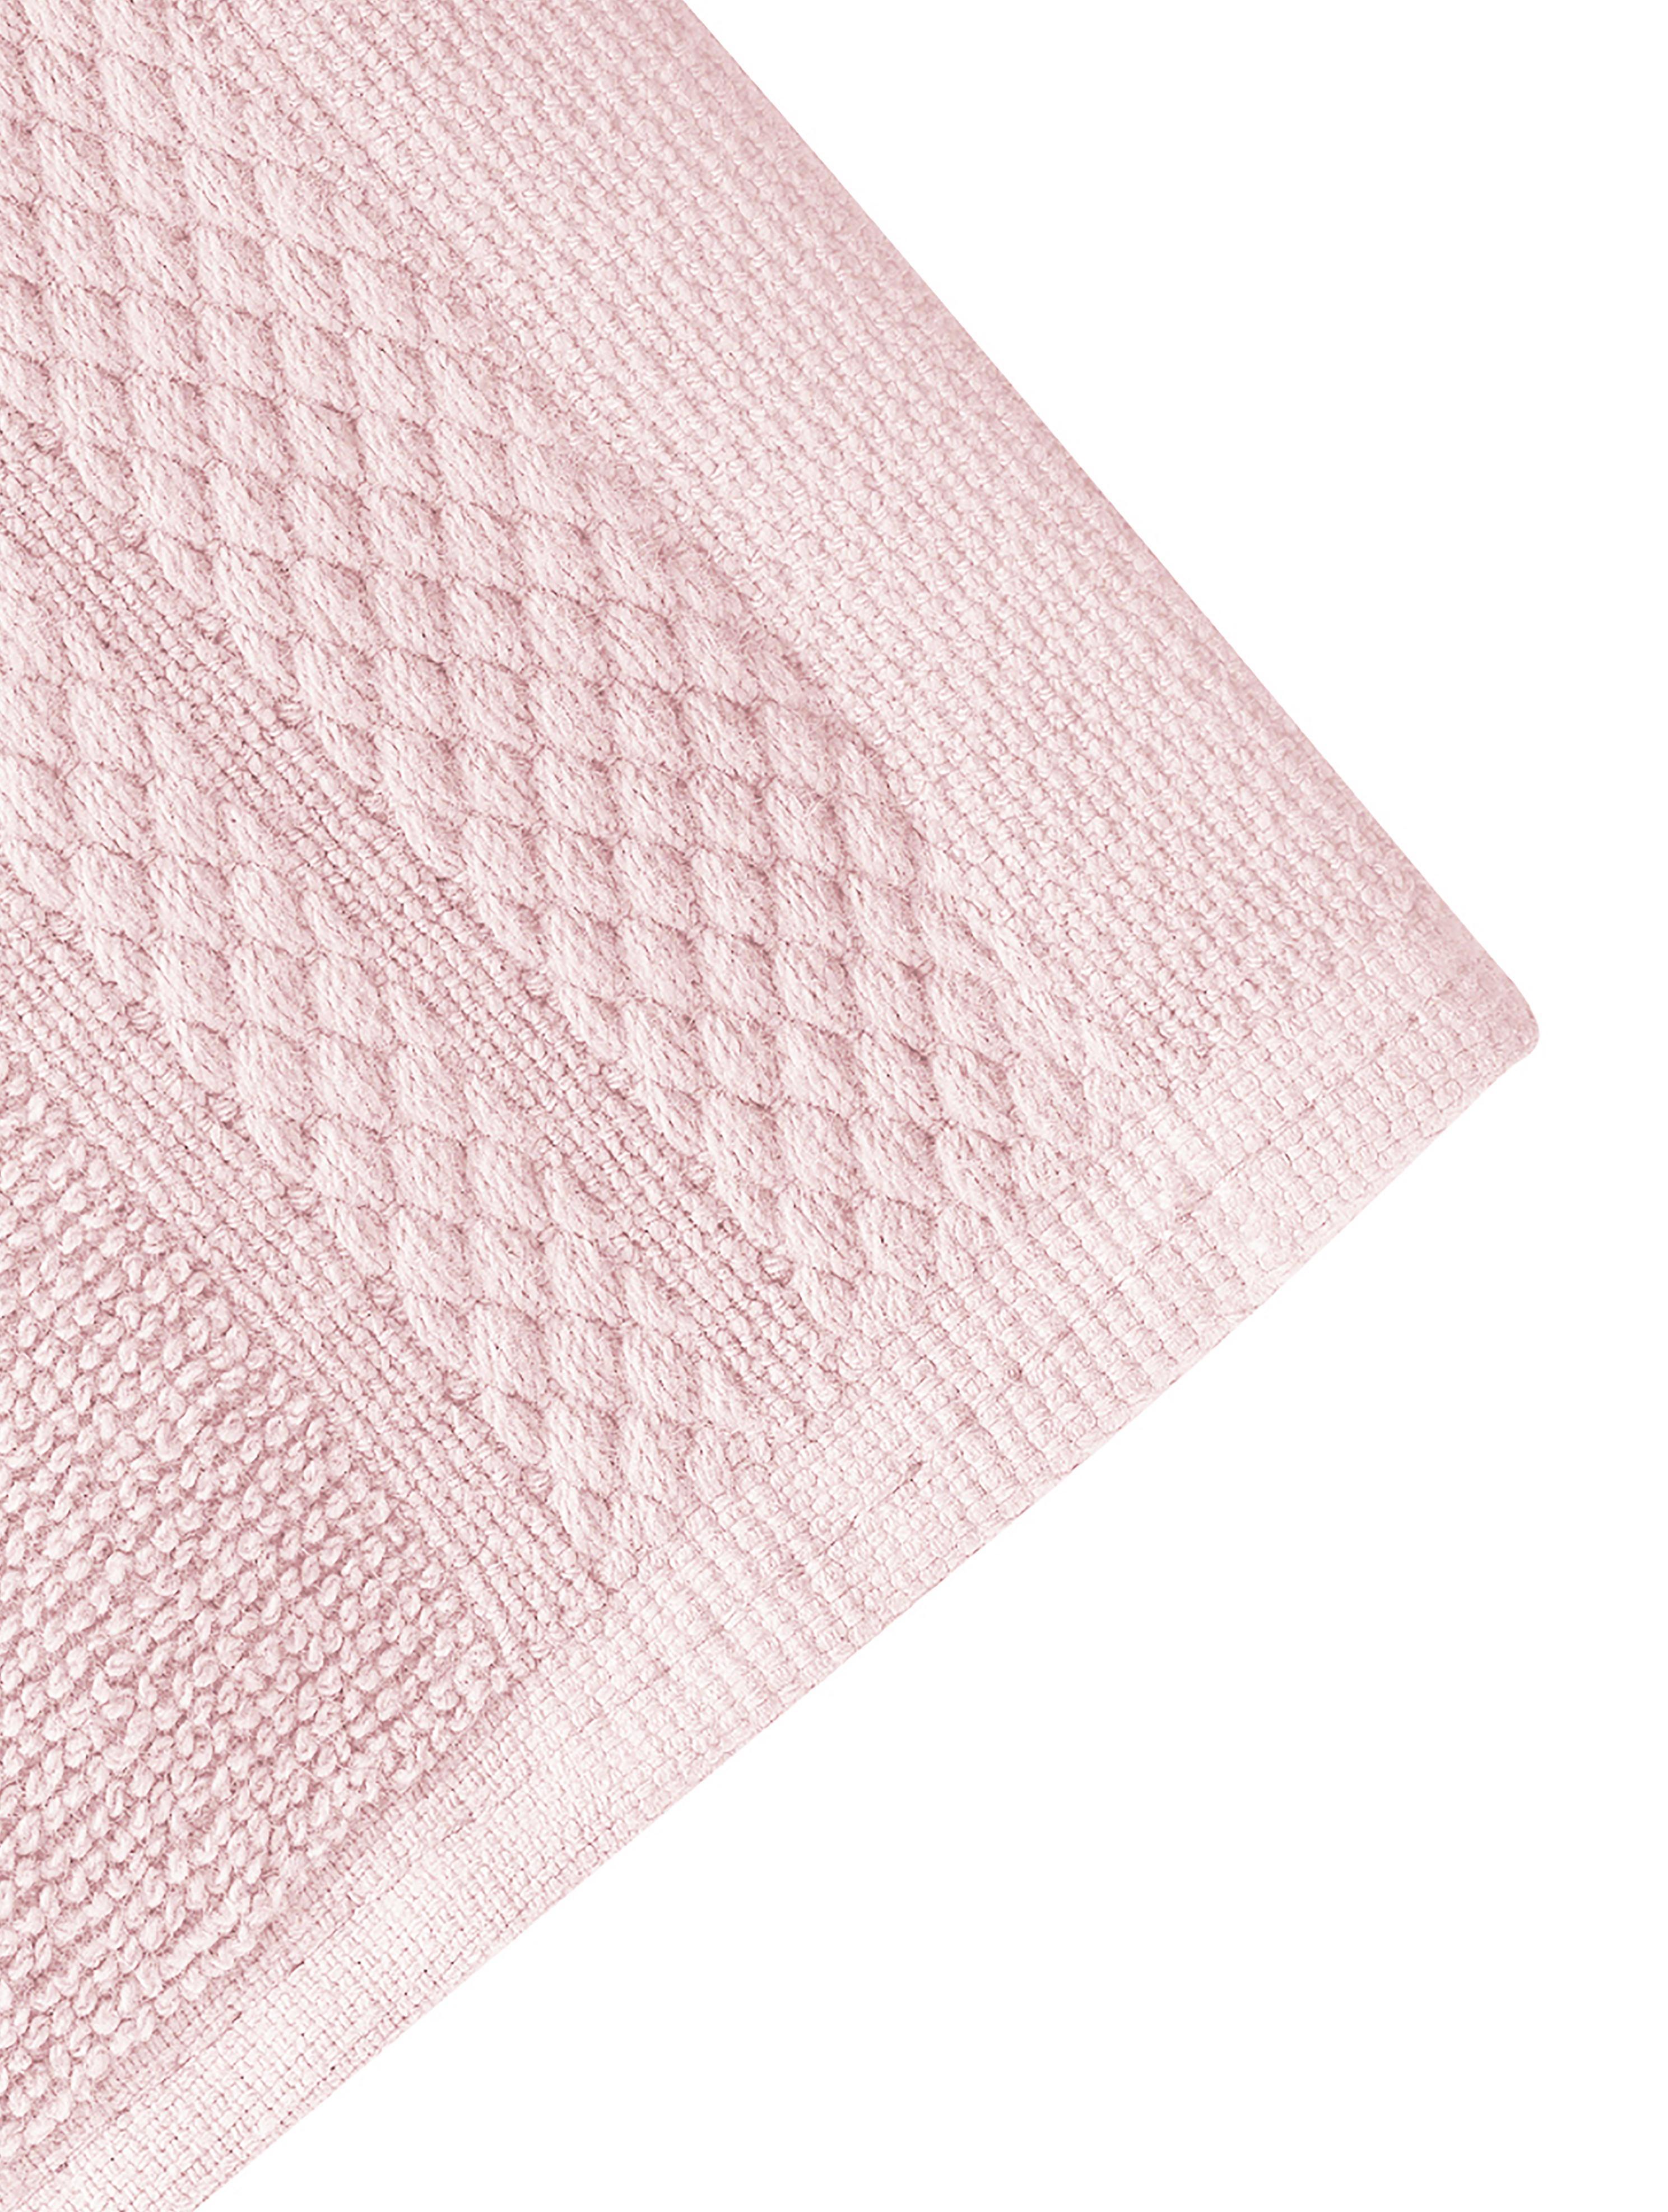 Handtuch-Set Premium mit klassischer Zierbordüre, 3-tlg., Altrosa, Sondergrößen